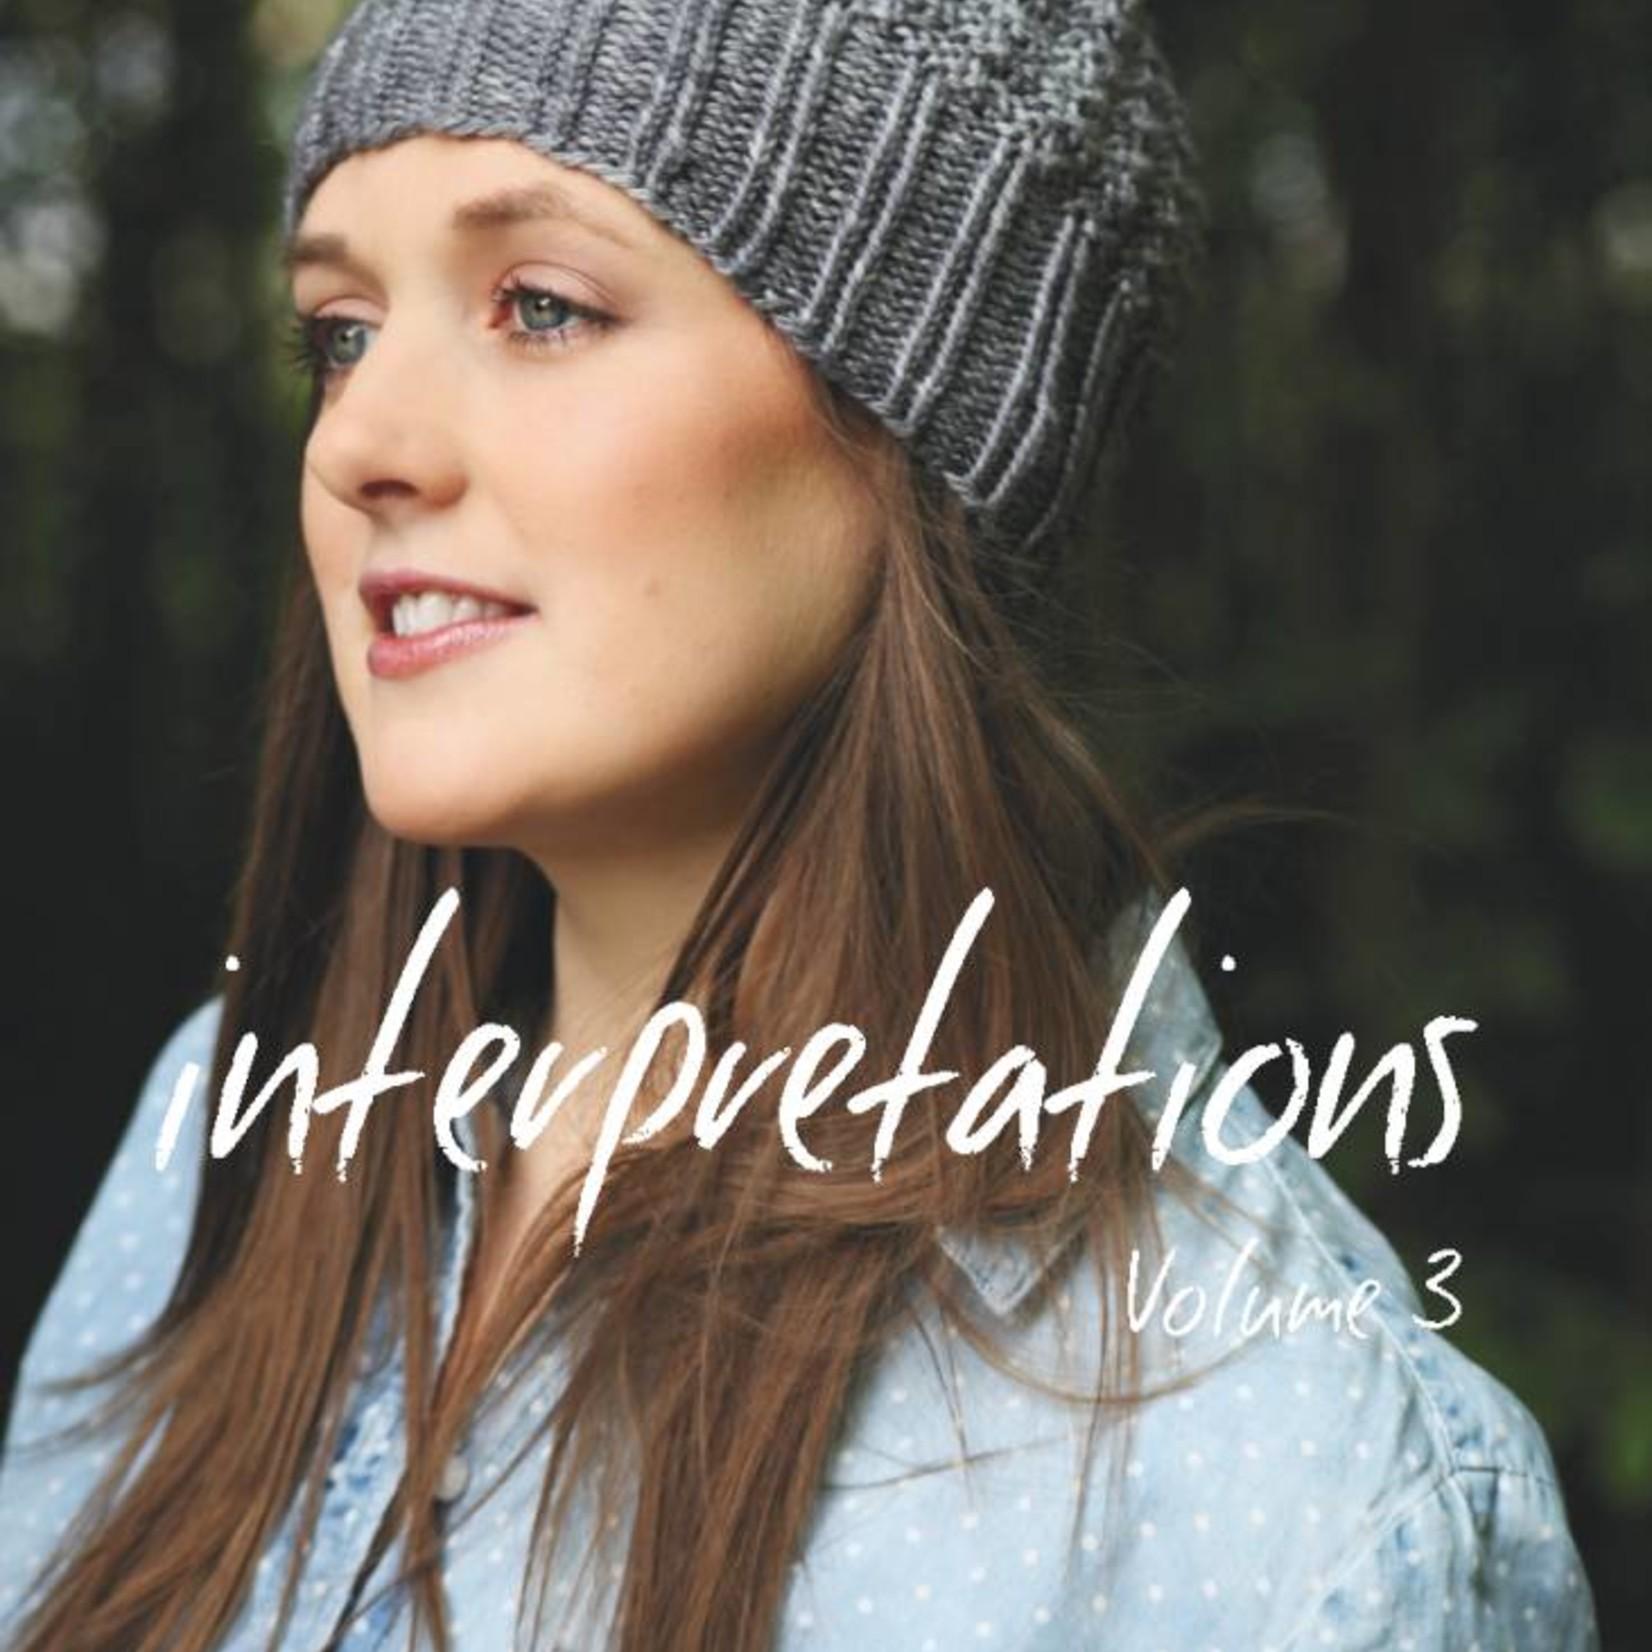 Interpretations